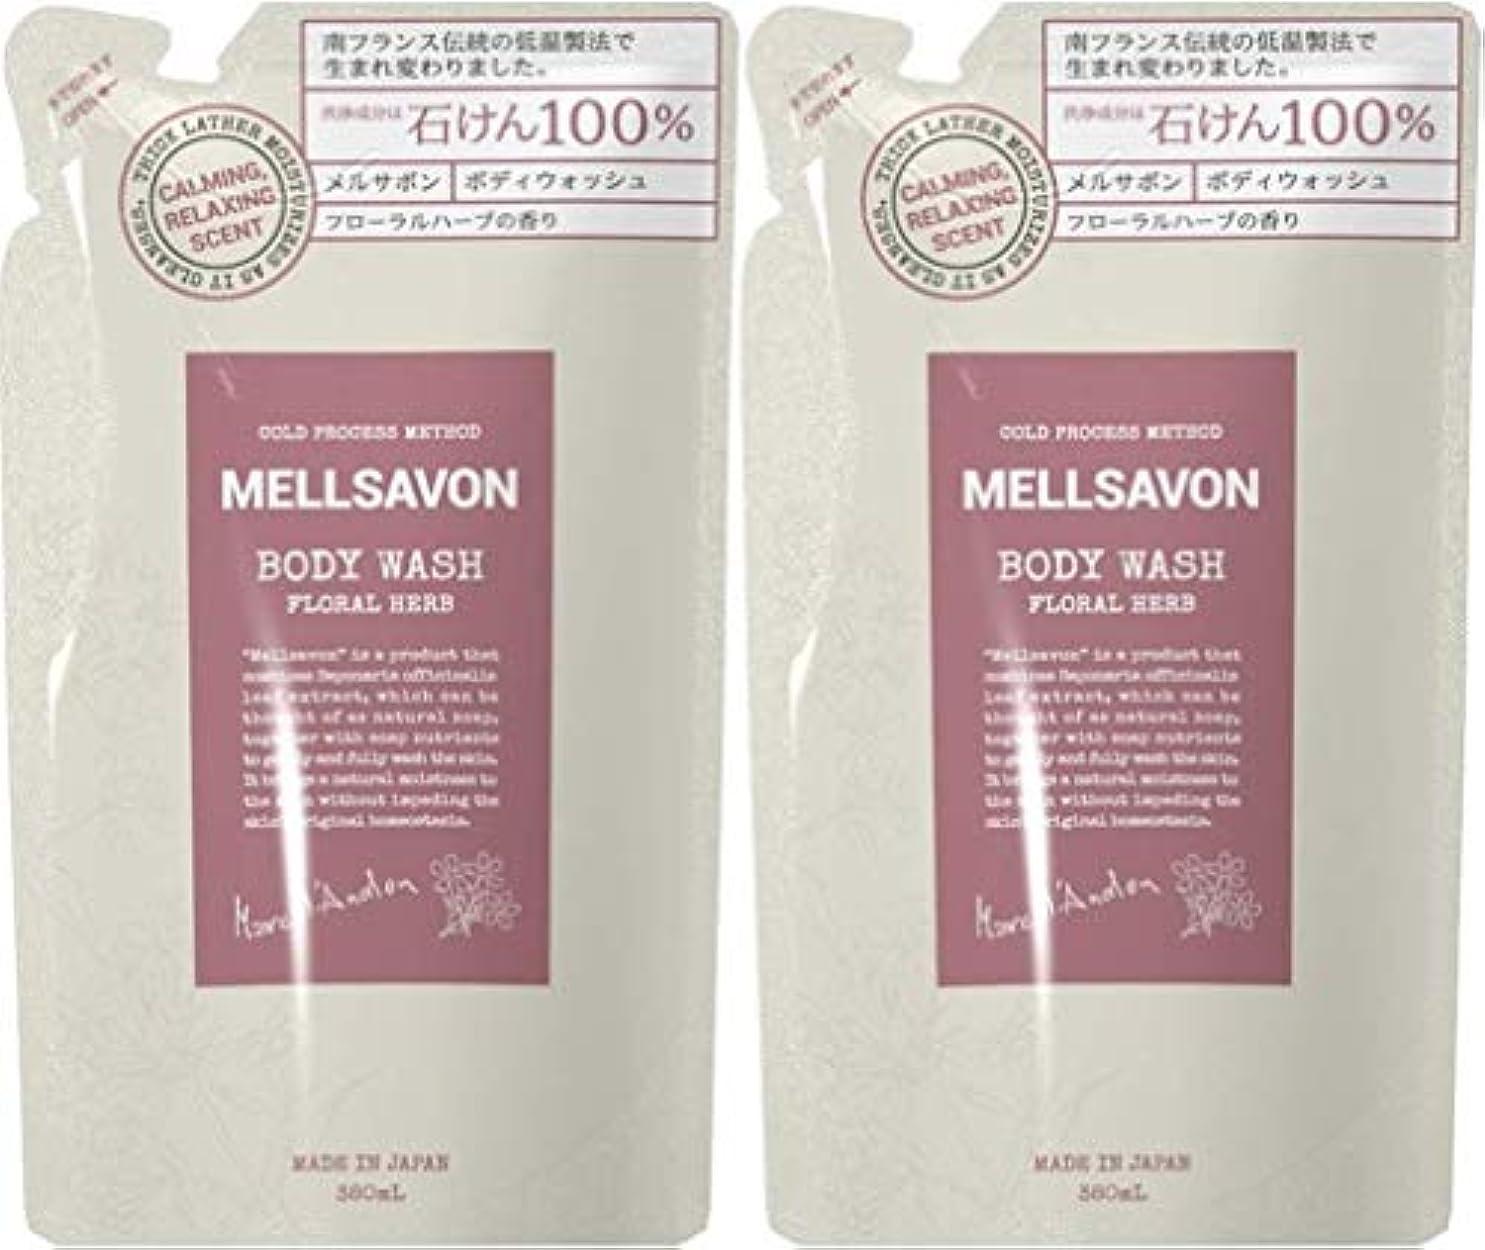 反毒失態肌寒い【2個セット】MELLSAVON(メルサボン) ボディウォッシュ フローラルハーブ 〈詰替〉 (380mL)